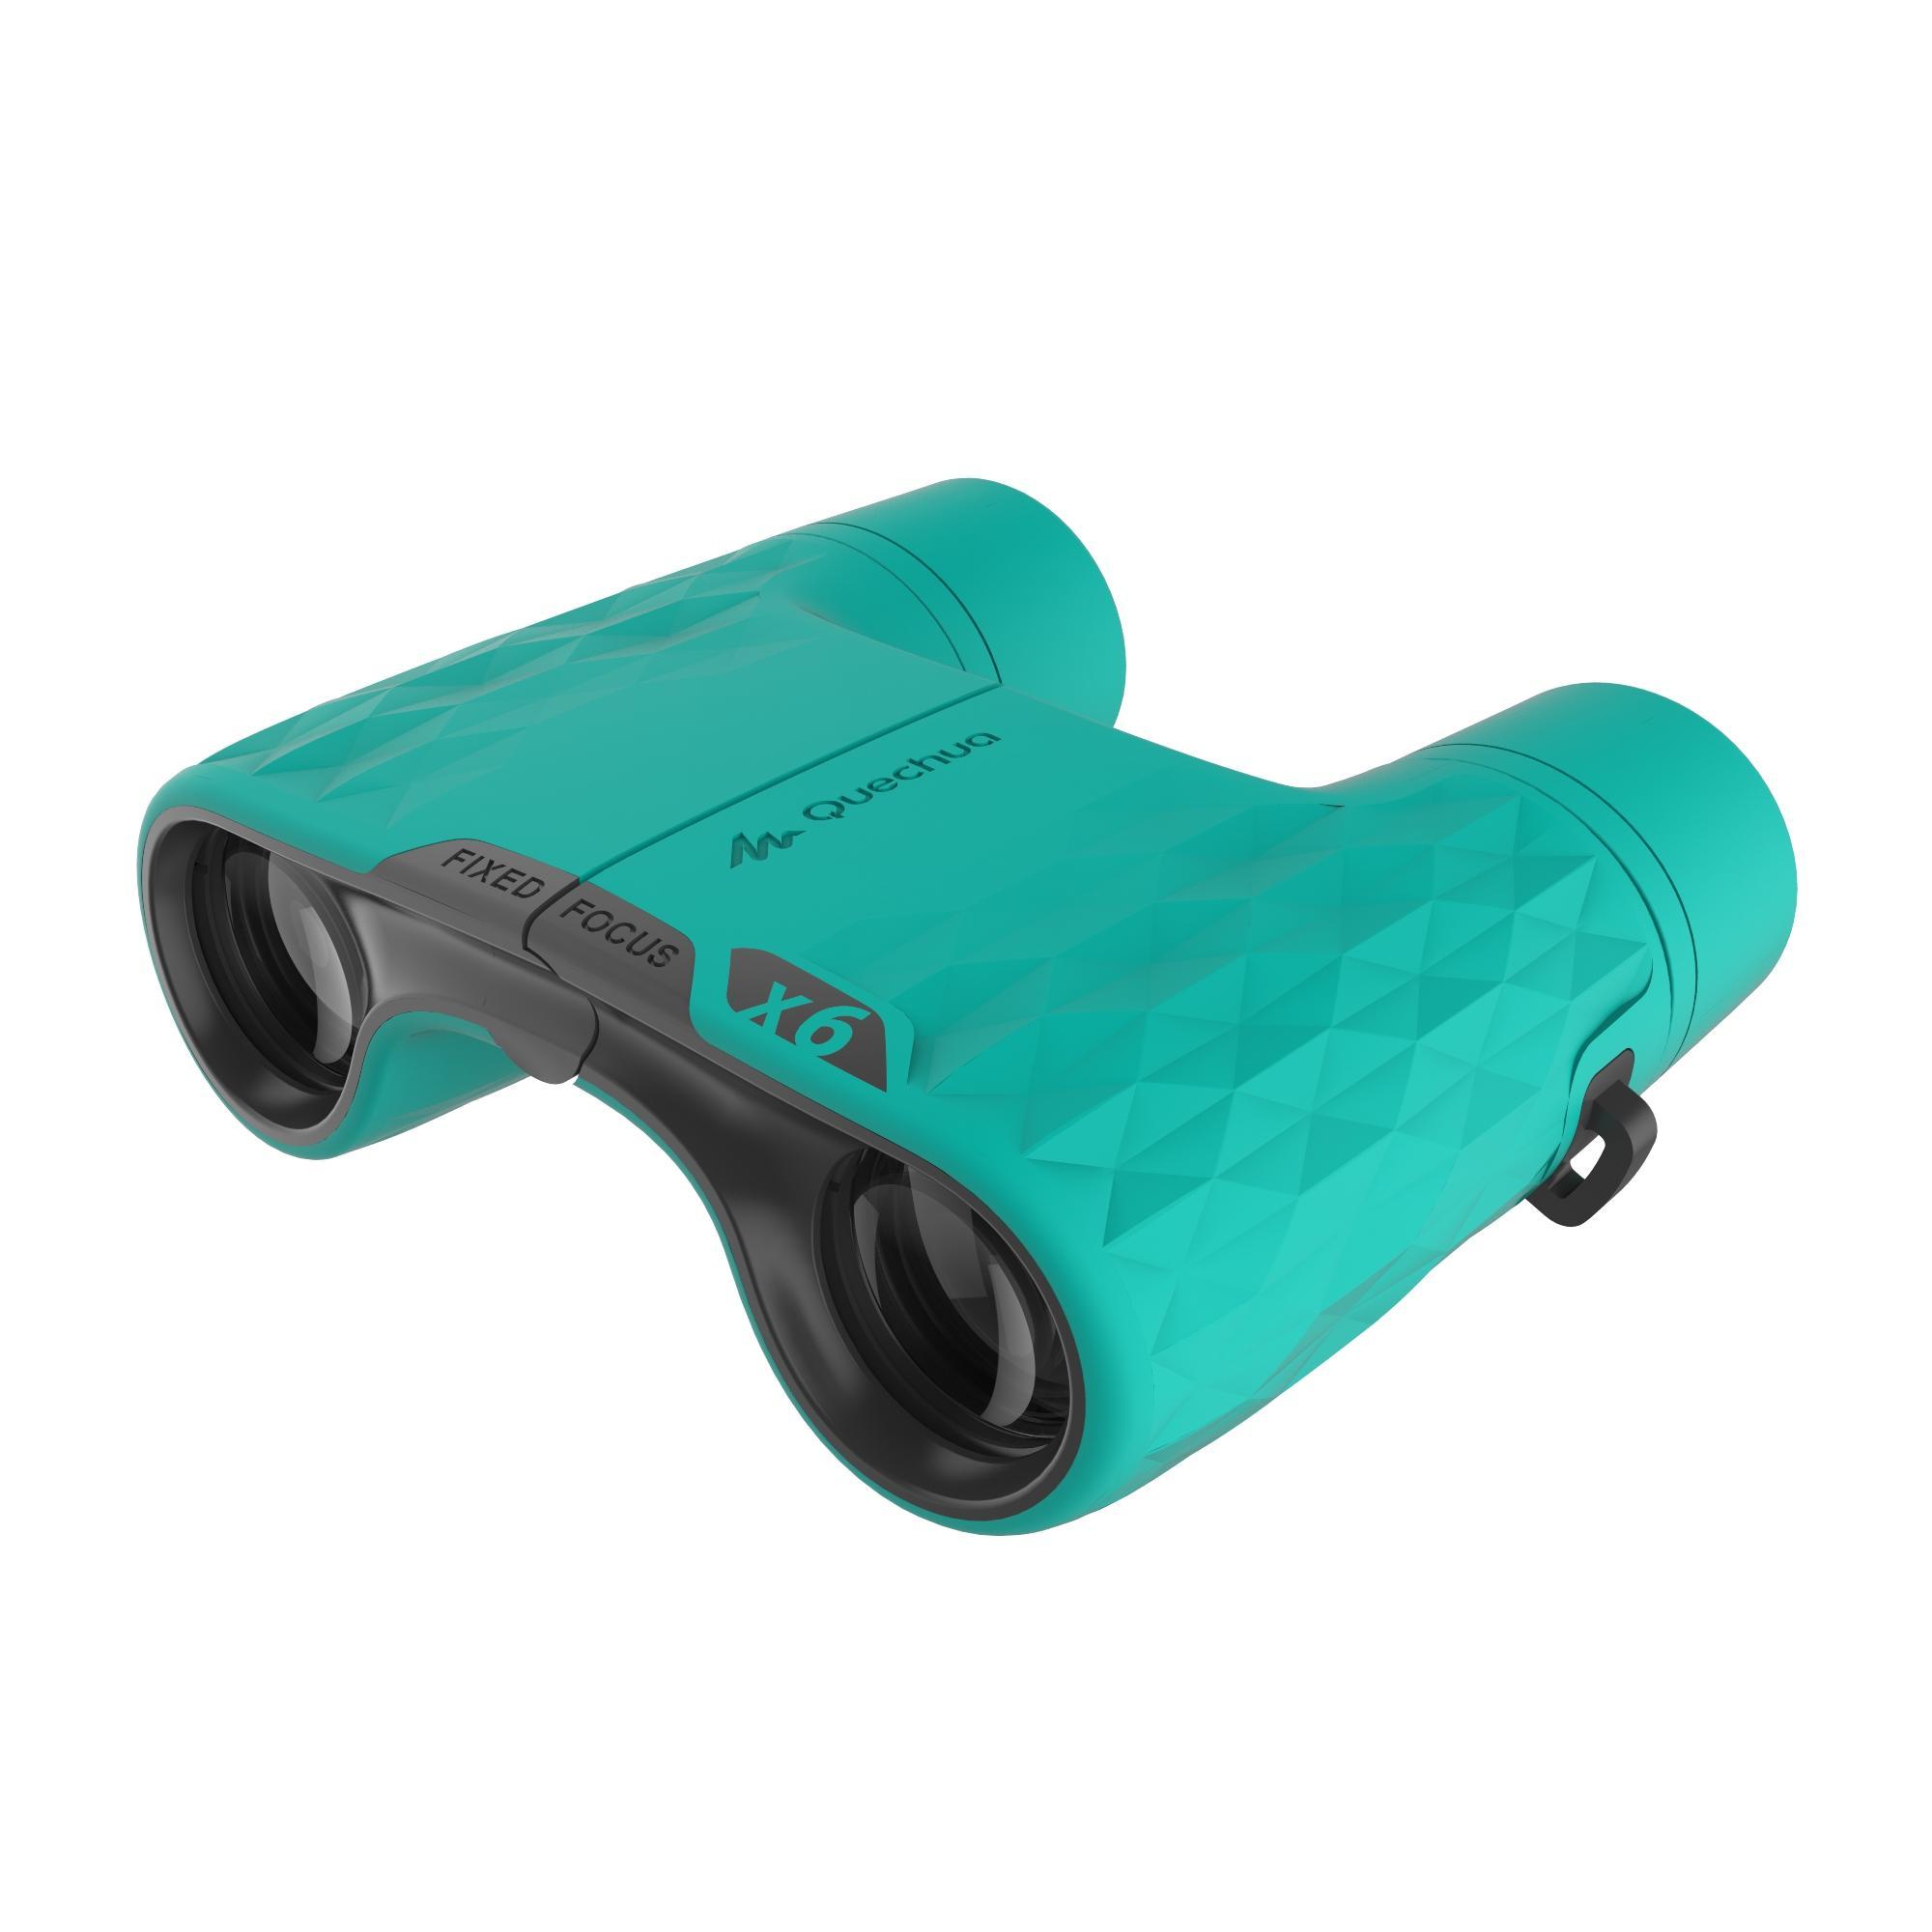 Binoculares de senderismo para niño, sin ajuste MH B 100 aumento x6 verdes